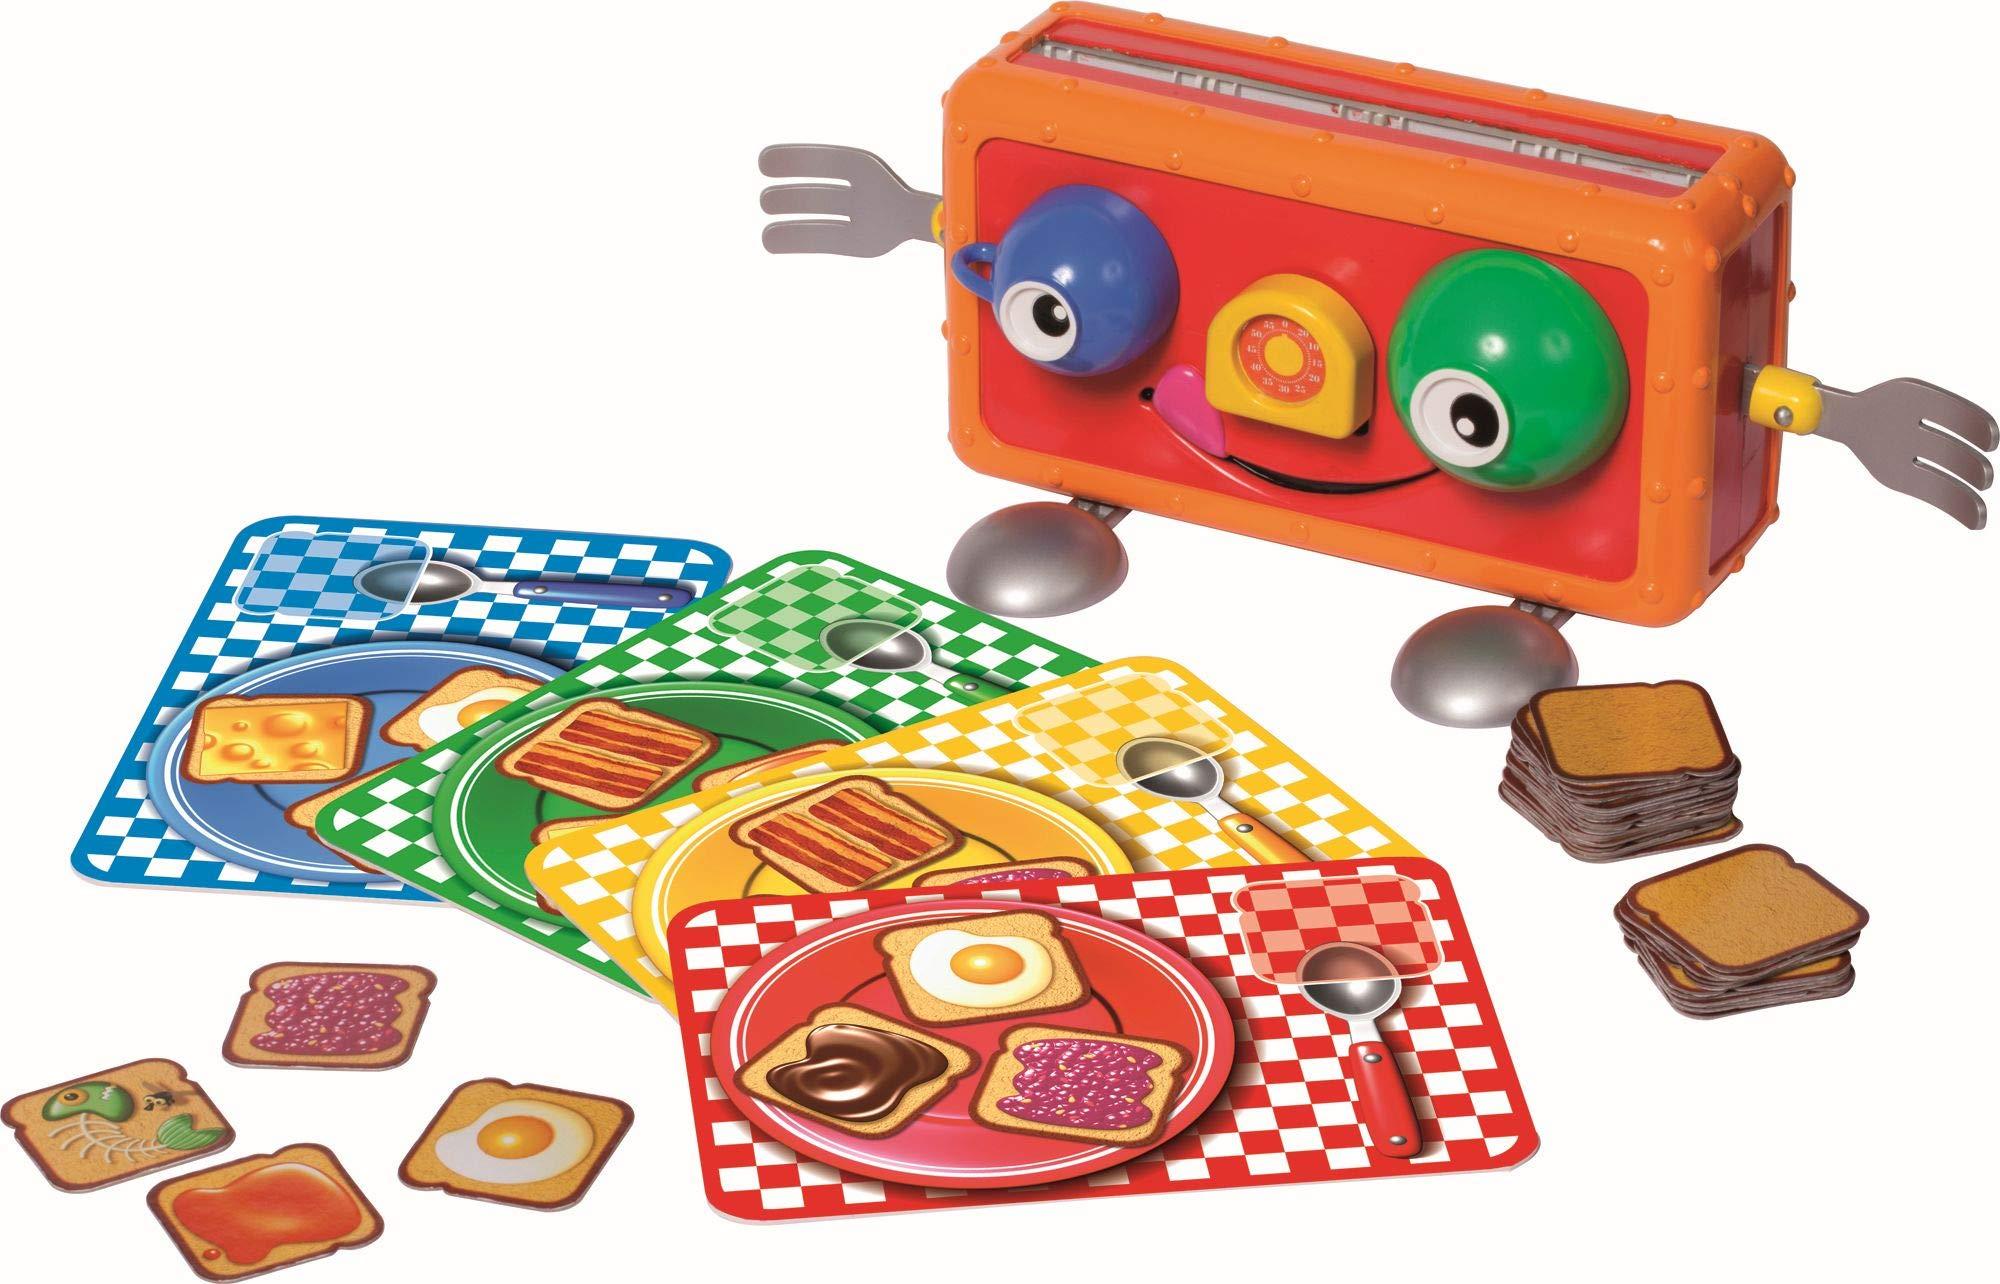 Splash Toys 30180 – Acción Parte – Tobi Tostadora: Amazon.es: Juguetes y juegos